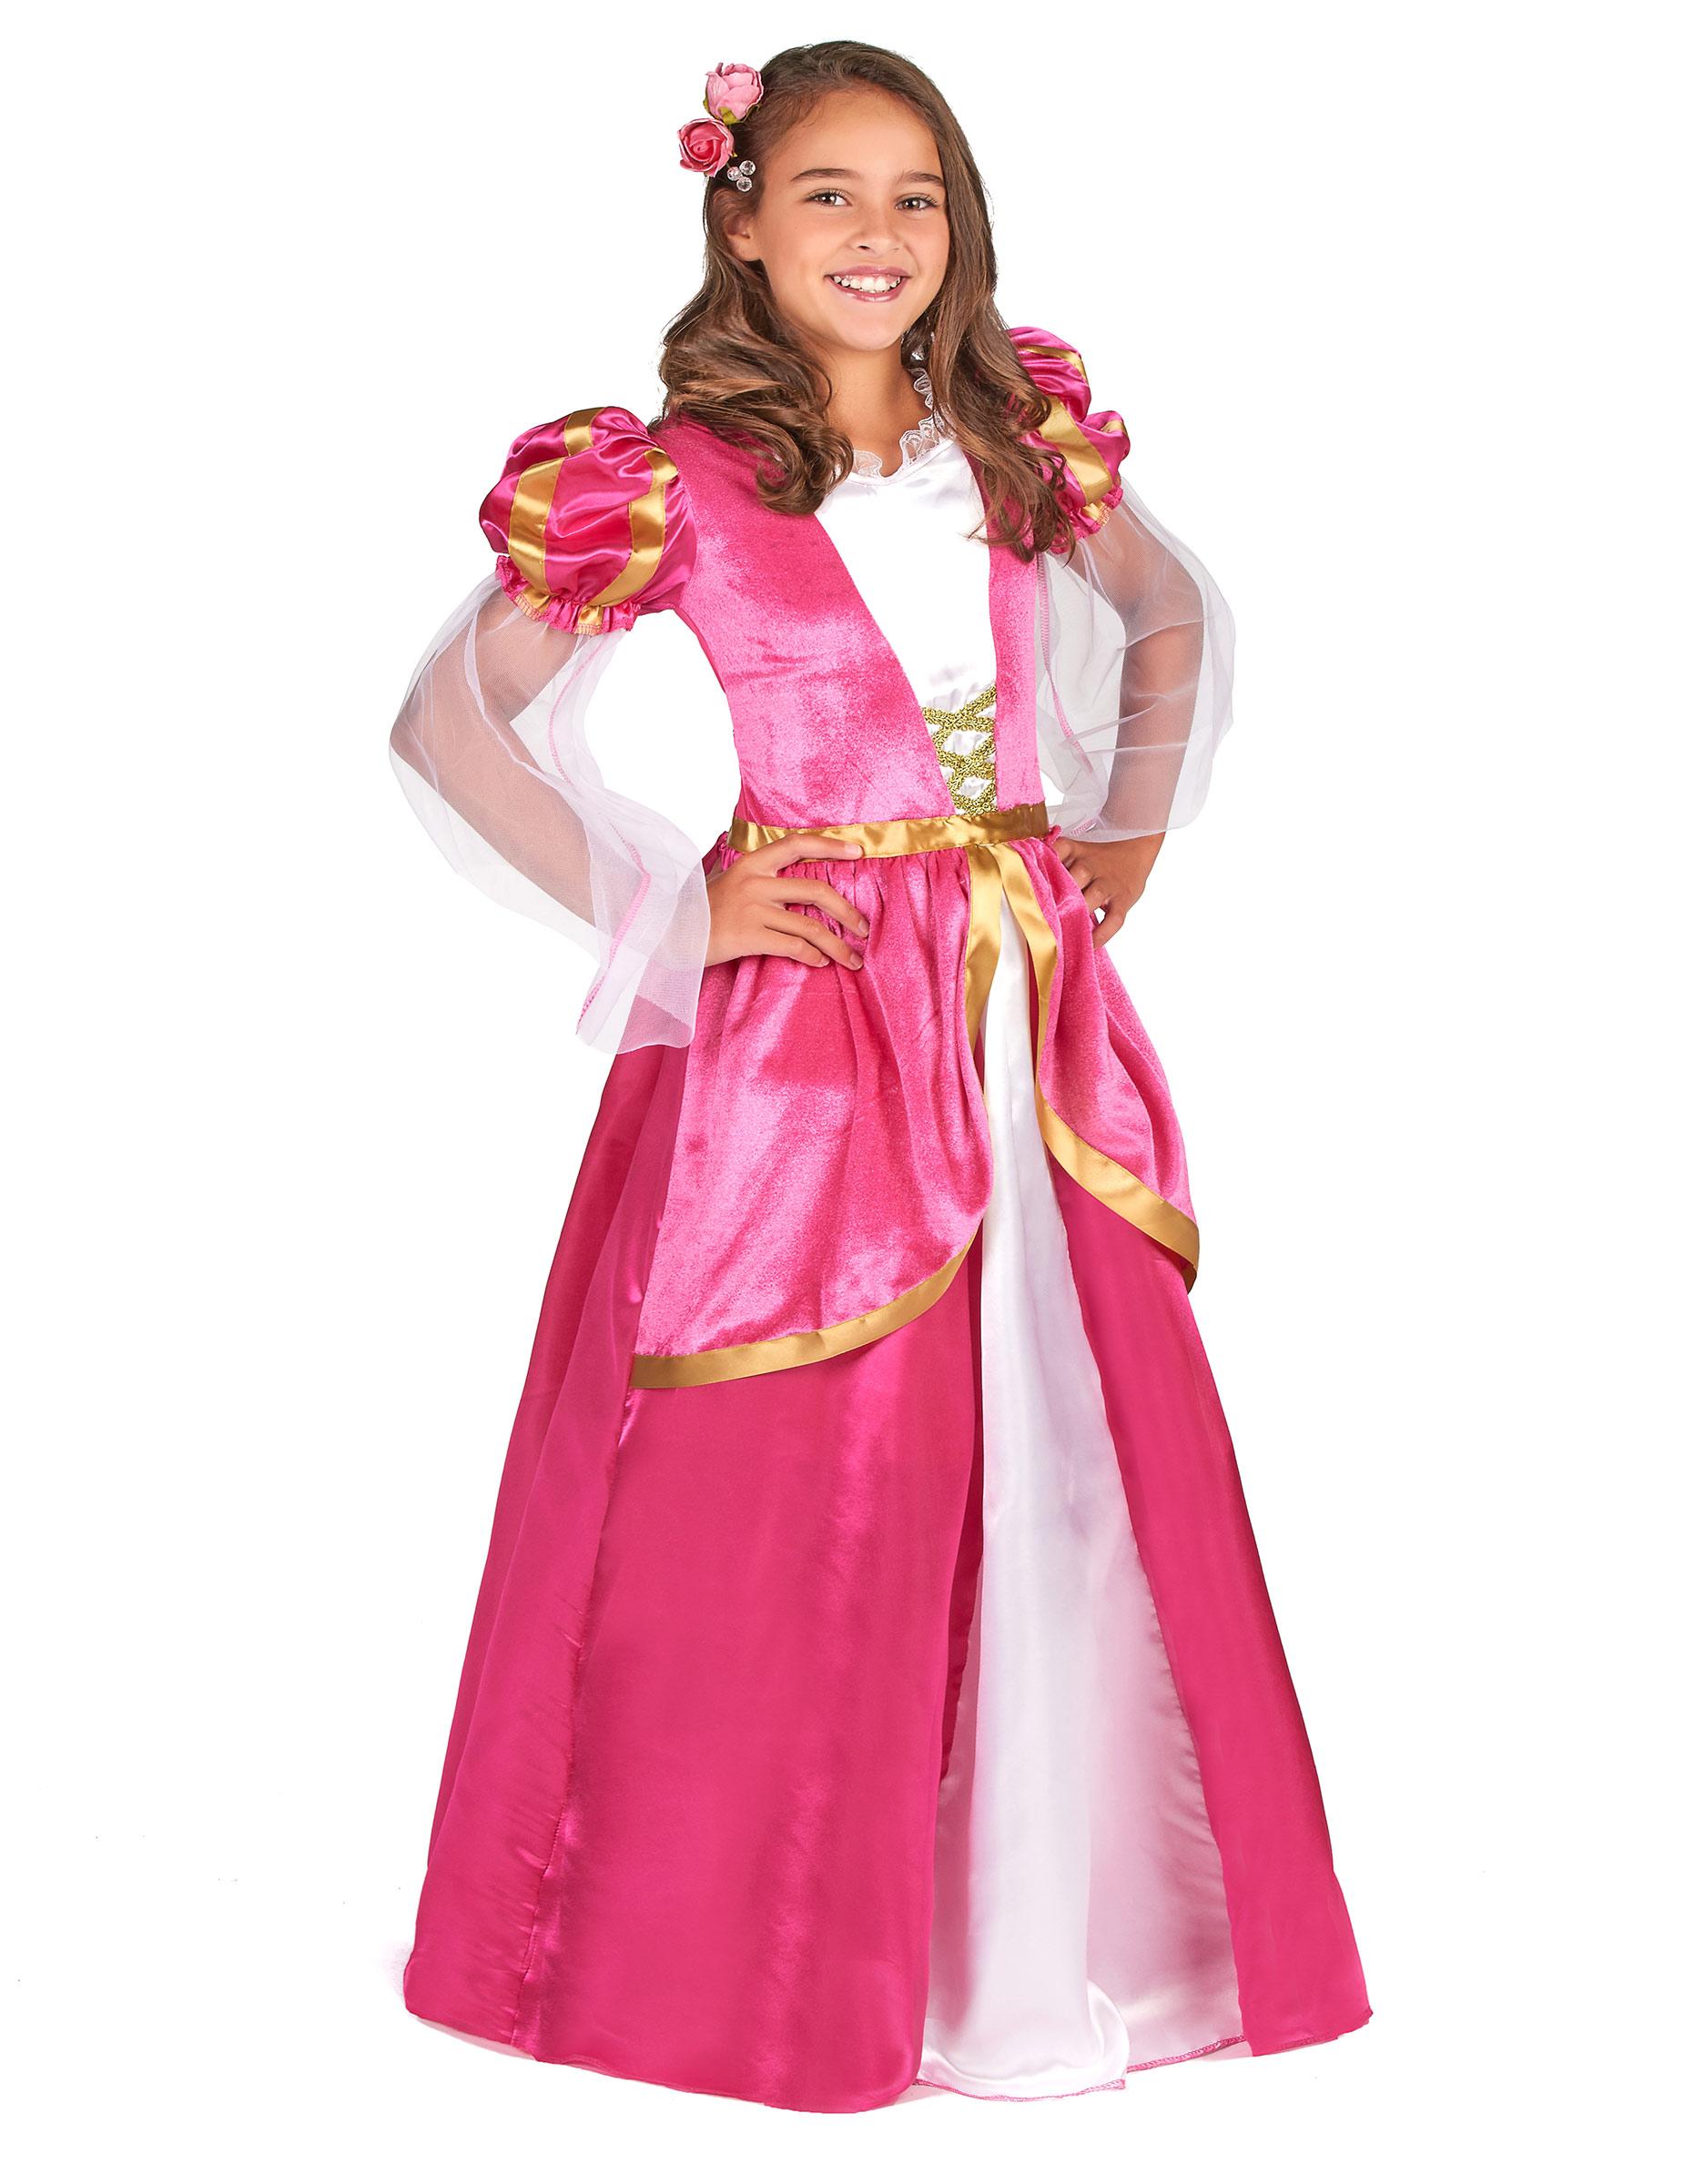 4650758795f0 Medeltida dam i rosa klänning - Maskeradkläder för barn, köp ...